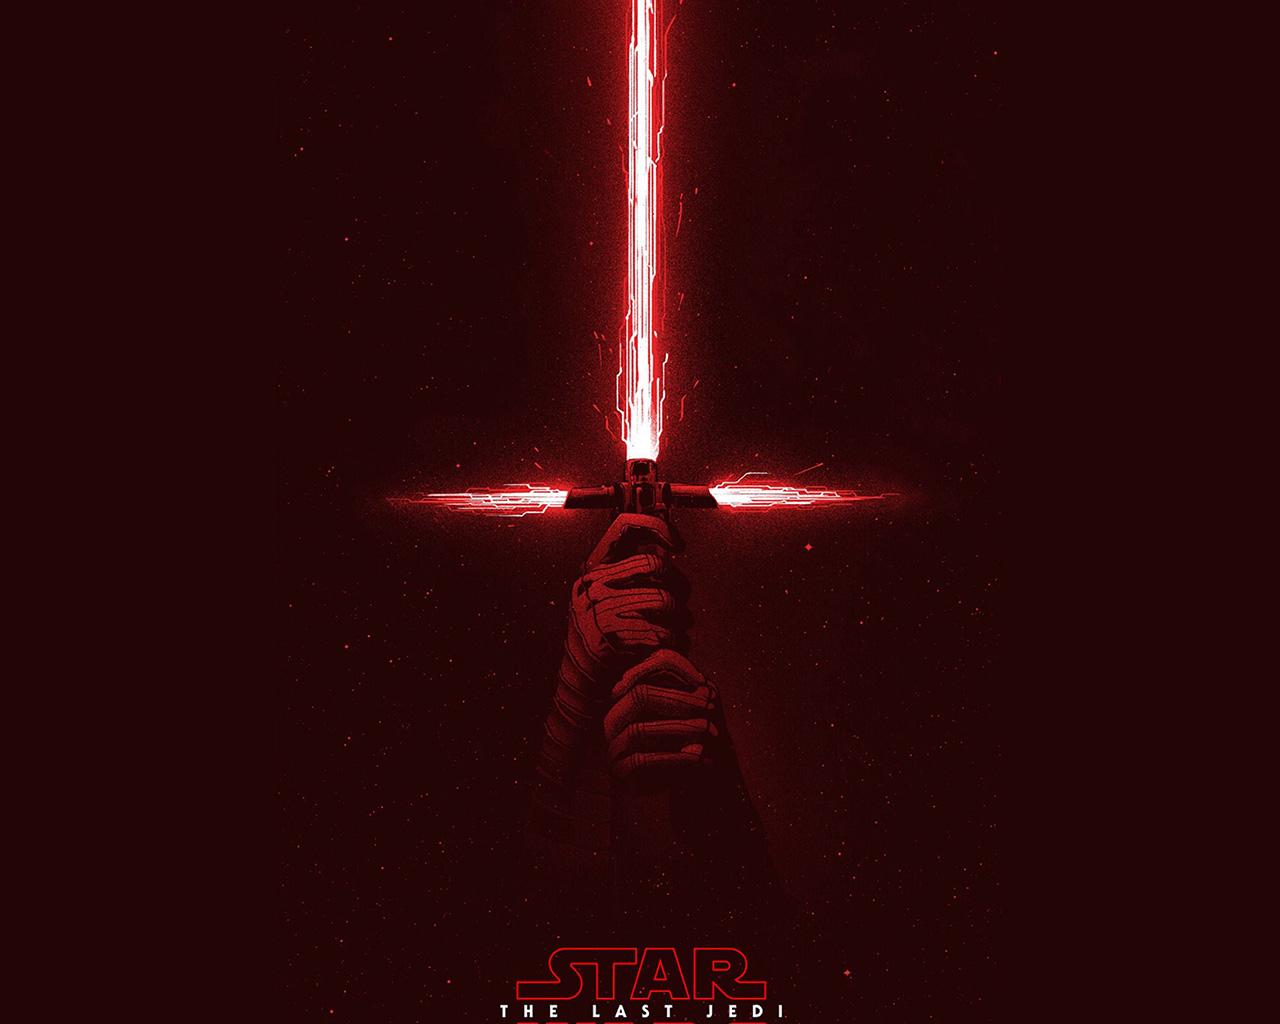 Fall Wallpaper Anime Bd05 Starwars First Jedi Red Film Art Illustration Wallpaper